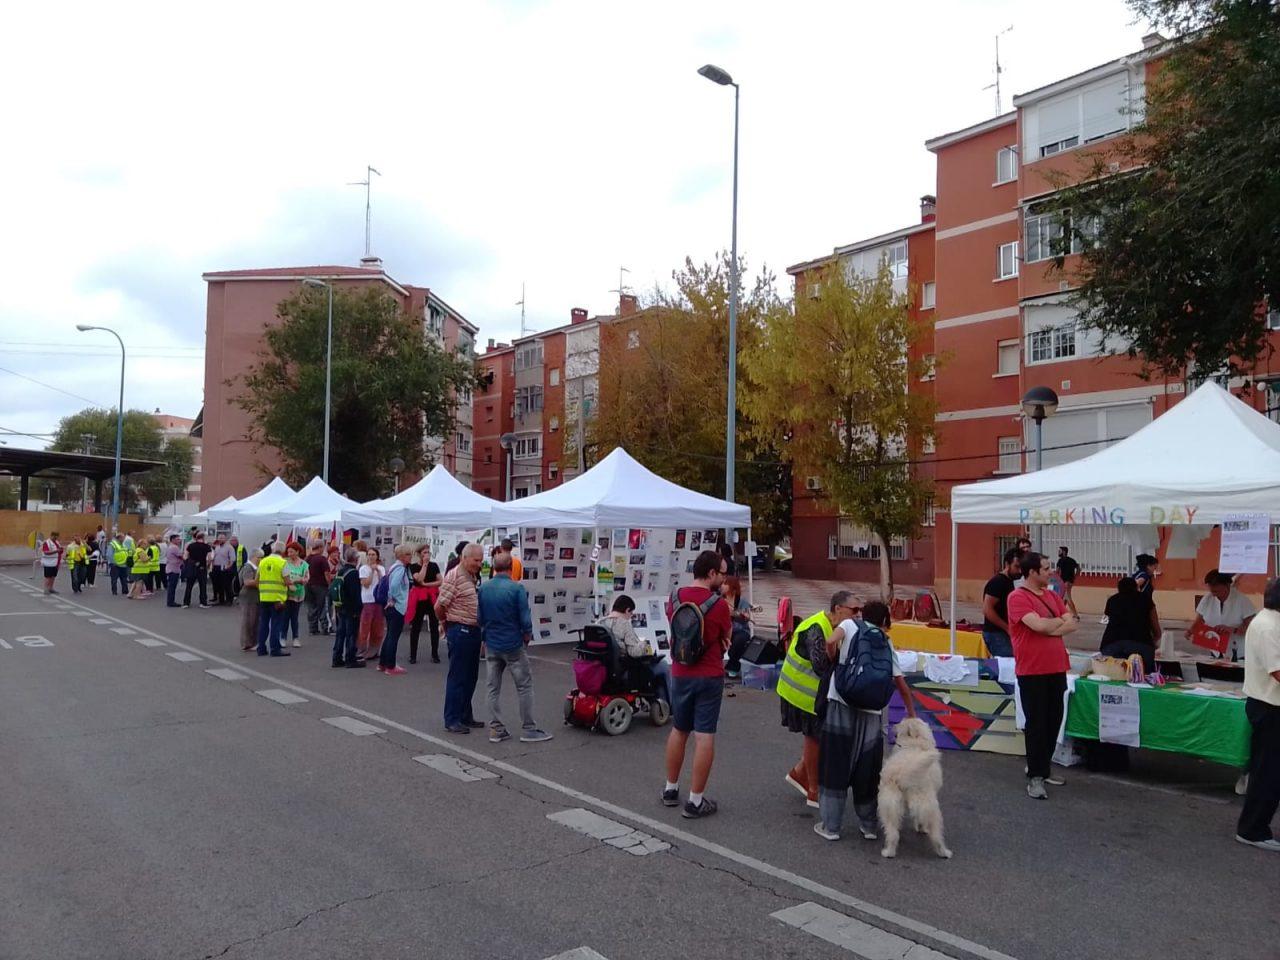 Parking Day Leganés